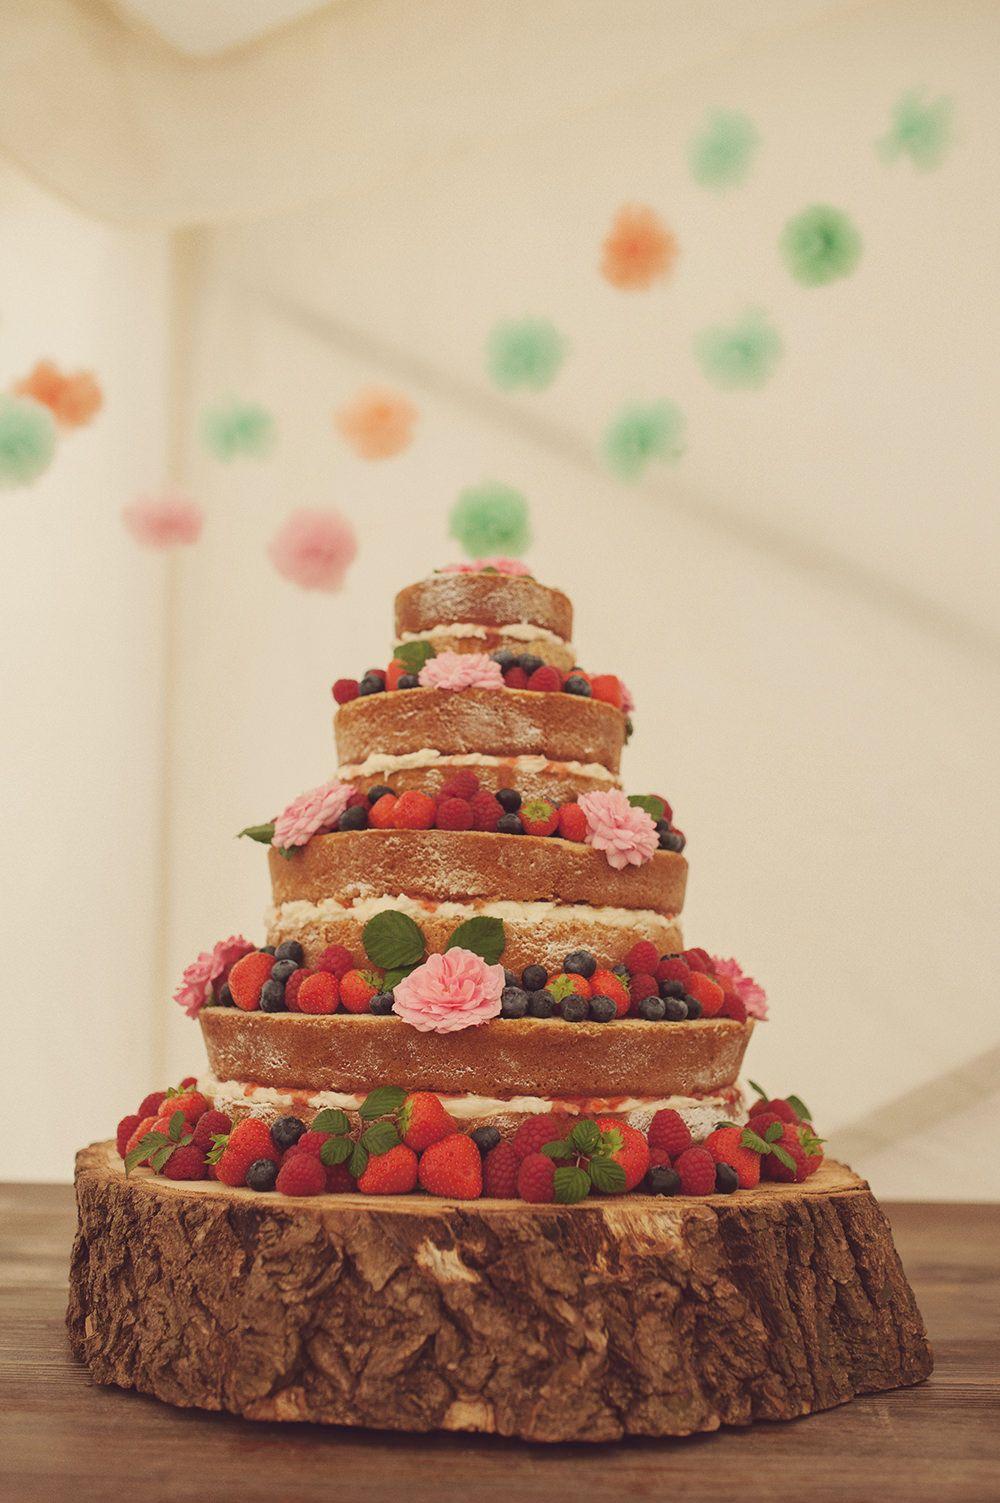 Que tengas un gran pastel